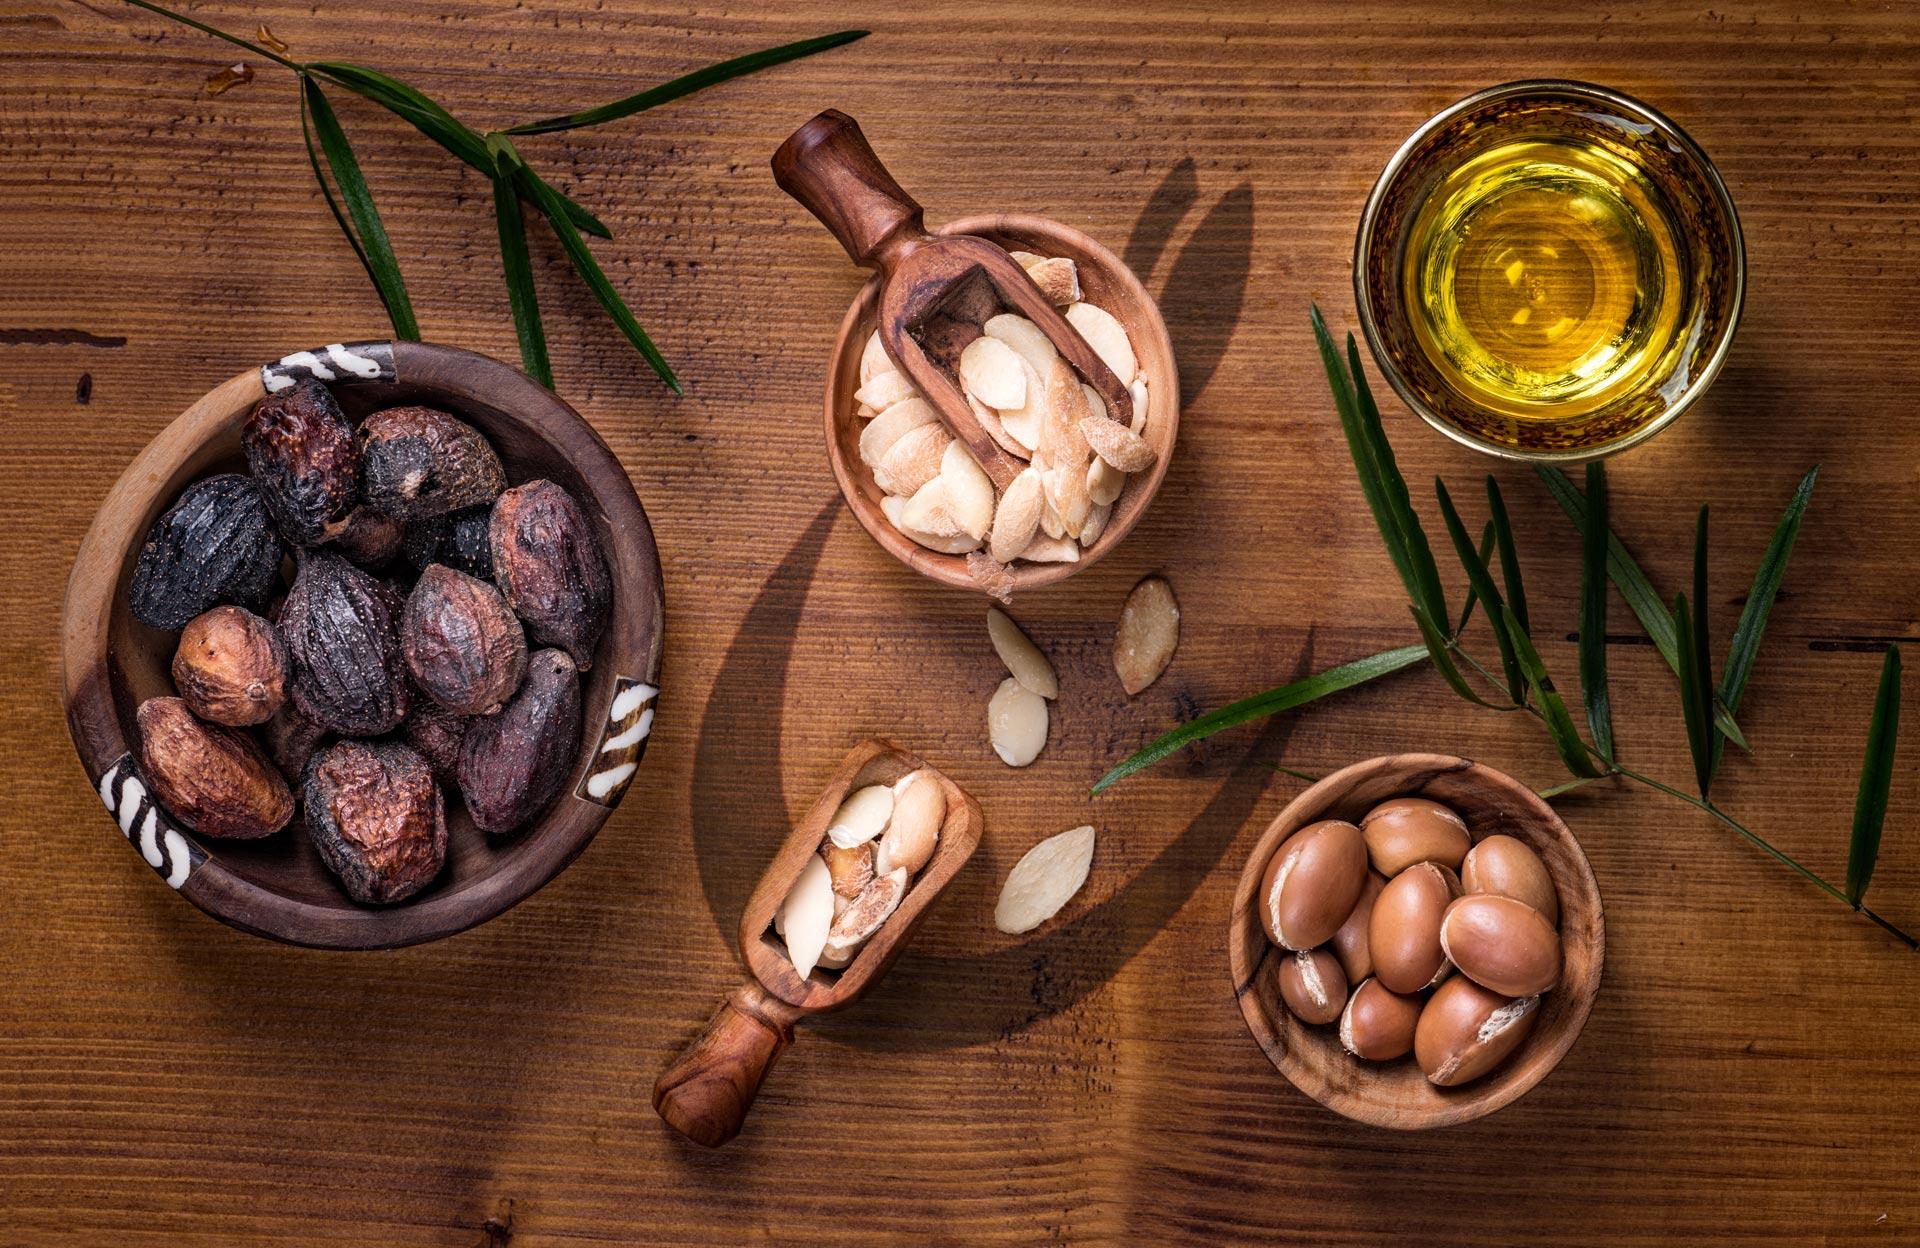 Avuliv, prodotti equilibrati, che mantengono le loro qualità naturali intatte nel tempo